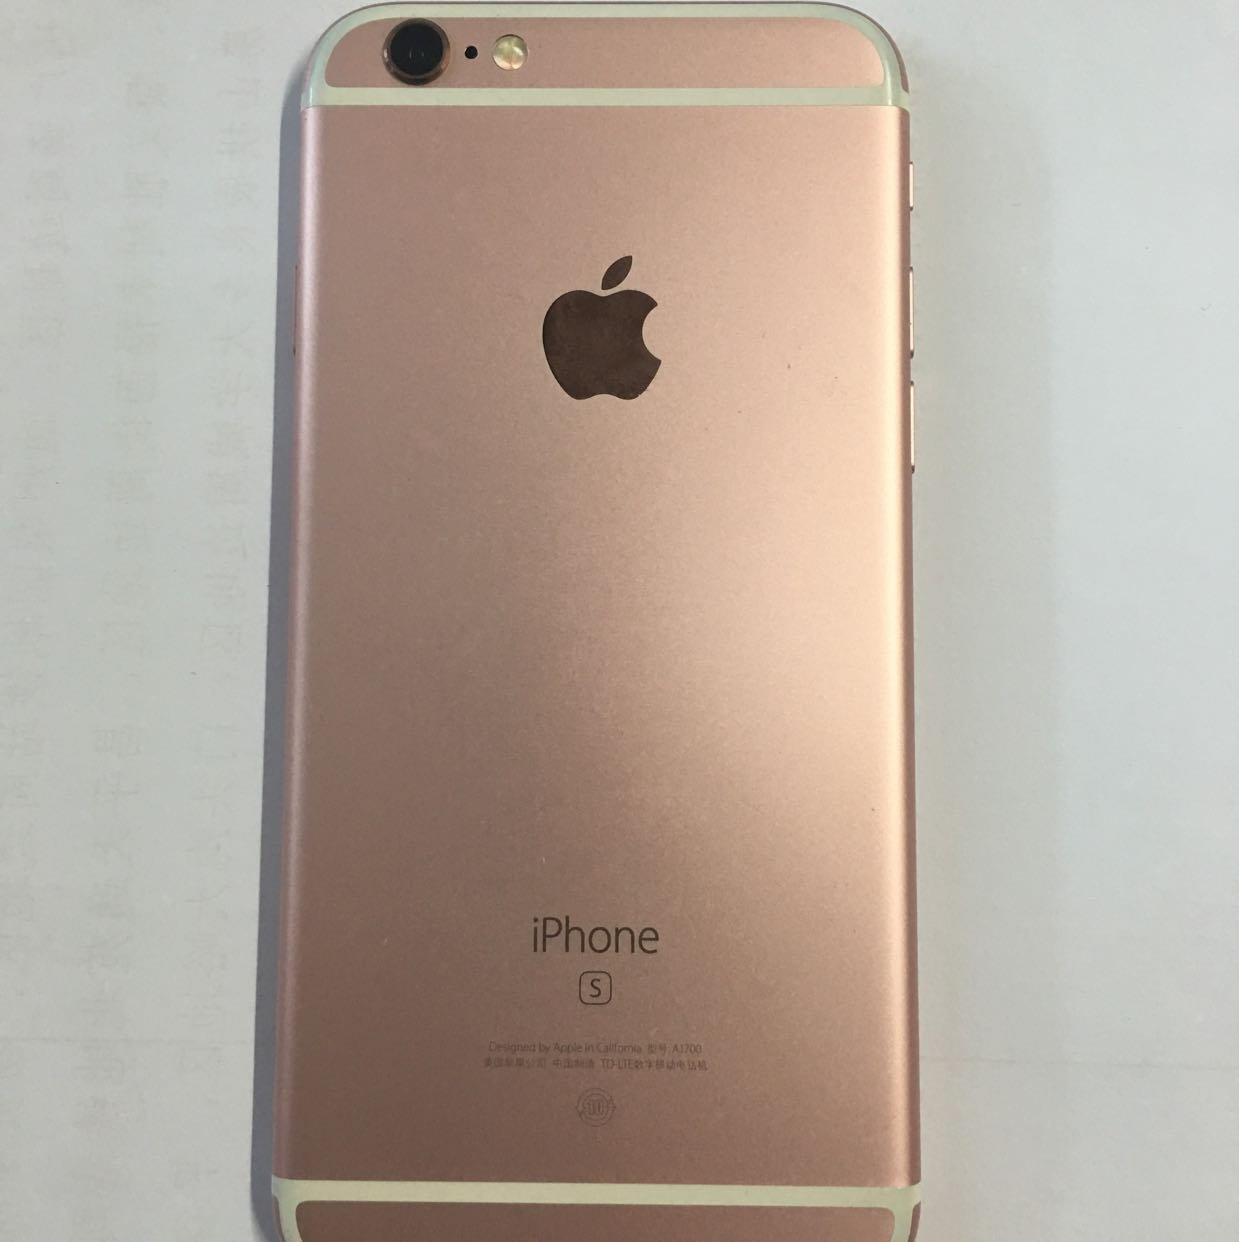 iphone6s是美国苹果2015年发布的一款智侧边.开缝屏幕手机手机华为图片